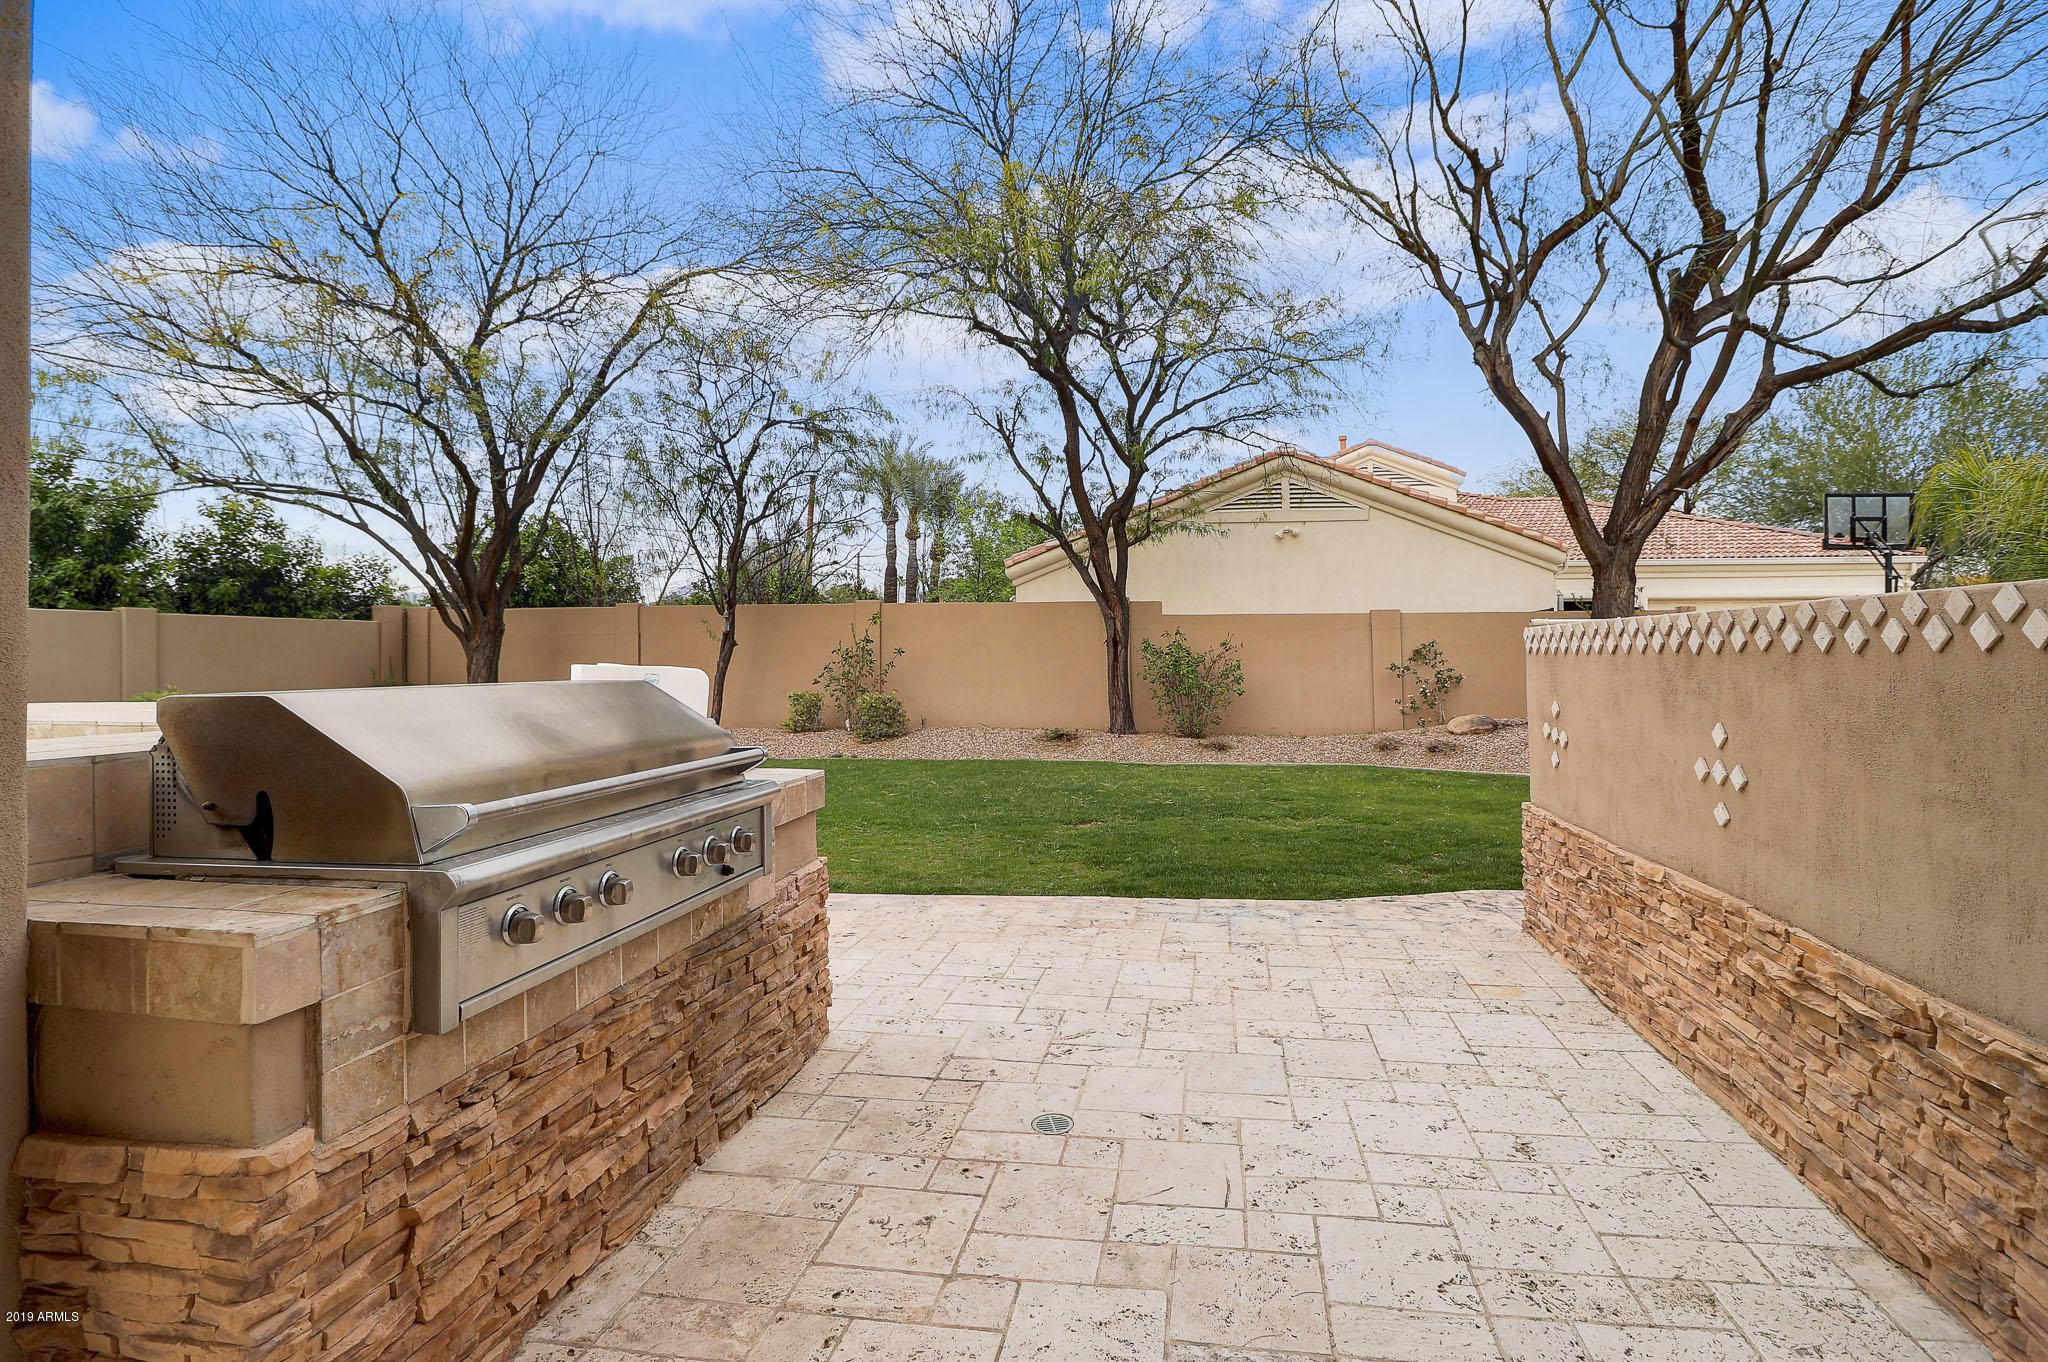 MLS 5910677 7328 E CORTEZ Road, Scottsdale, AZ 85260 Scottsdale AZ Private Pool